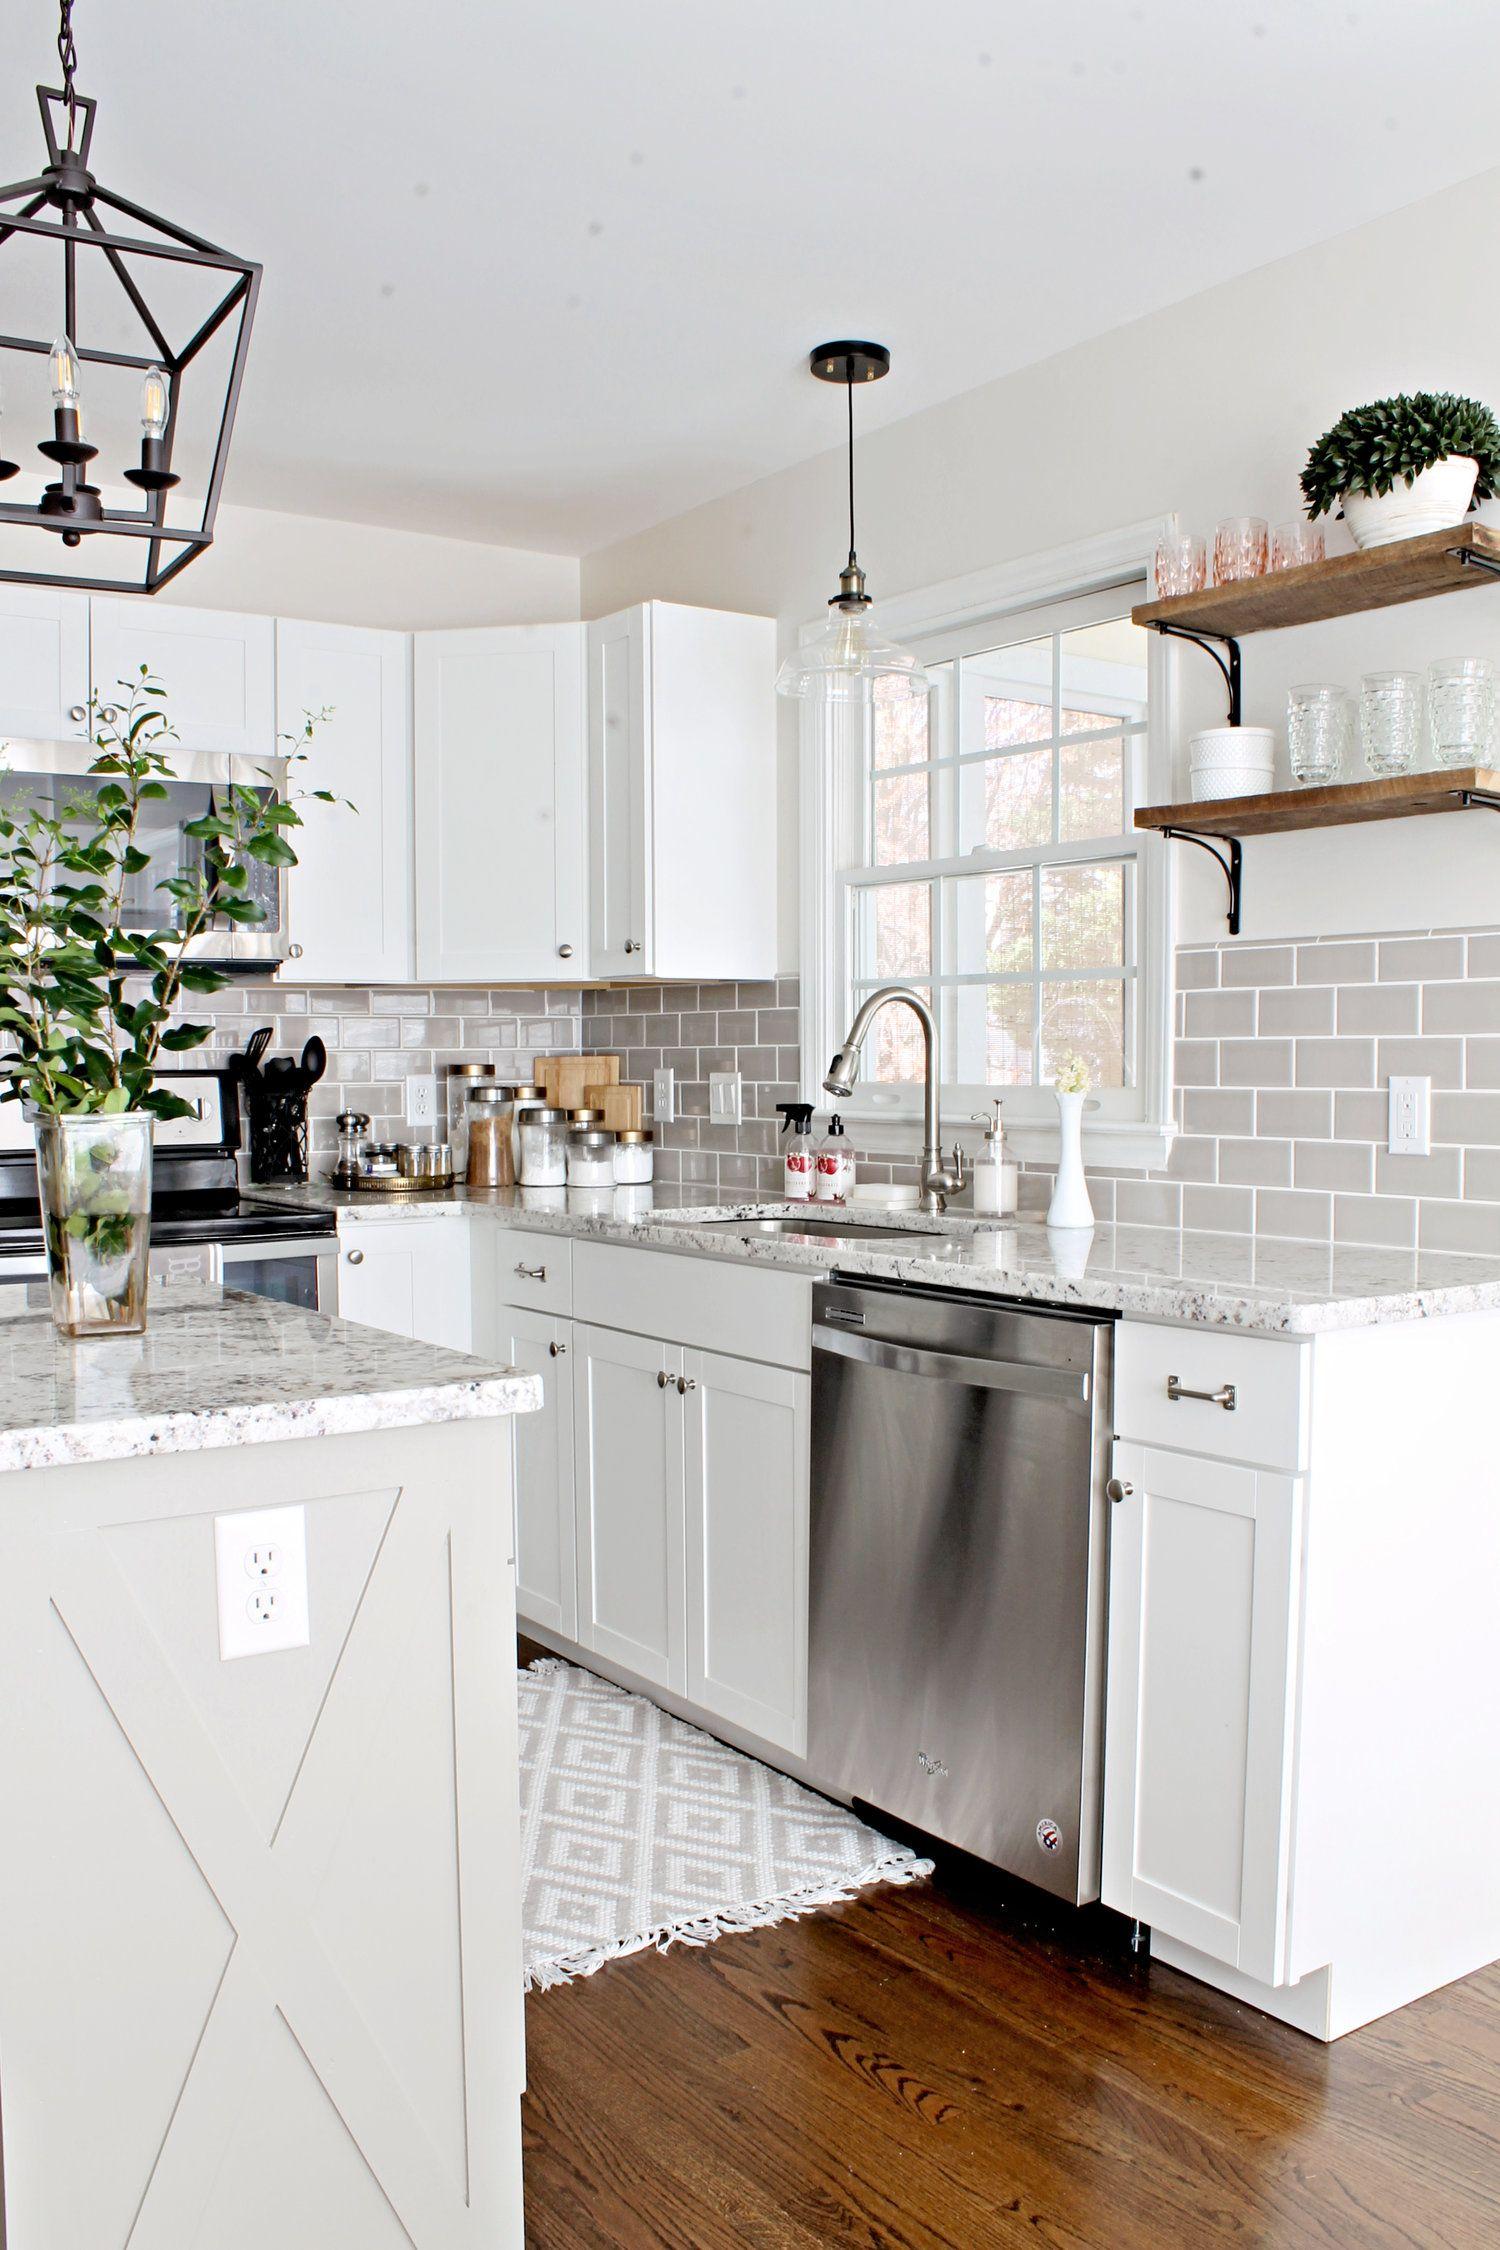 Diy Kitchen Island X Trim Cheap Cabinet Makeover Elizabeth Burns Design Raleigh Nc Interior Designer Diy Kitchen Renovation Kitchen Design Small Kitchen Remodel Small